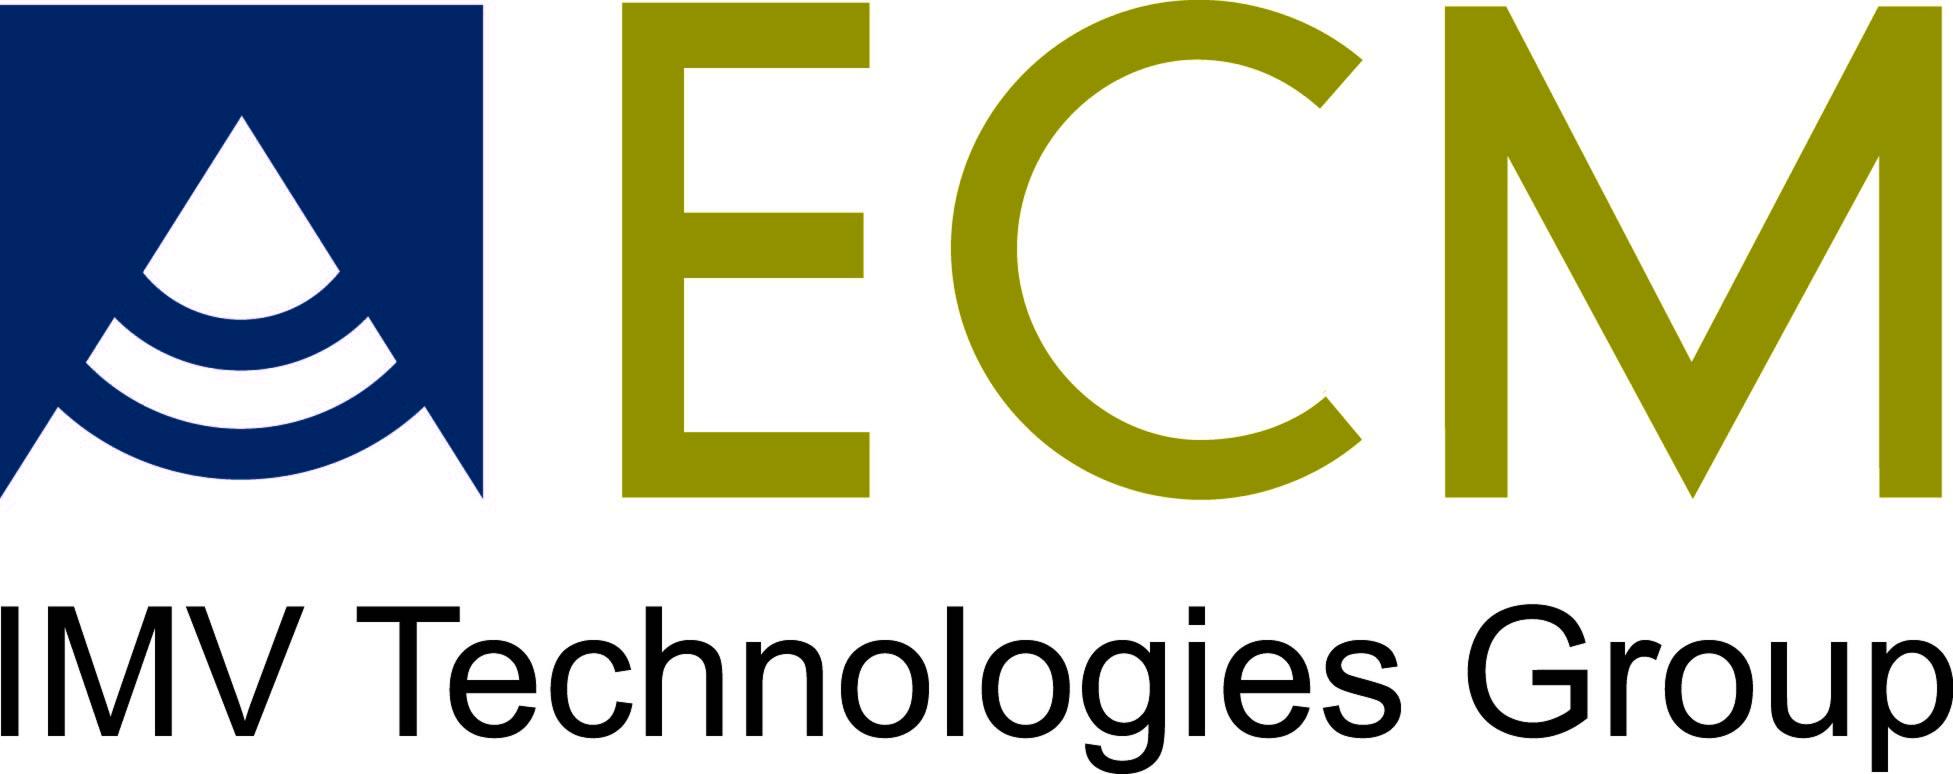 logo - ECM